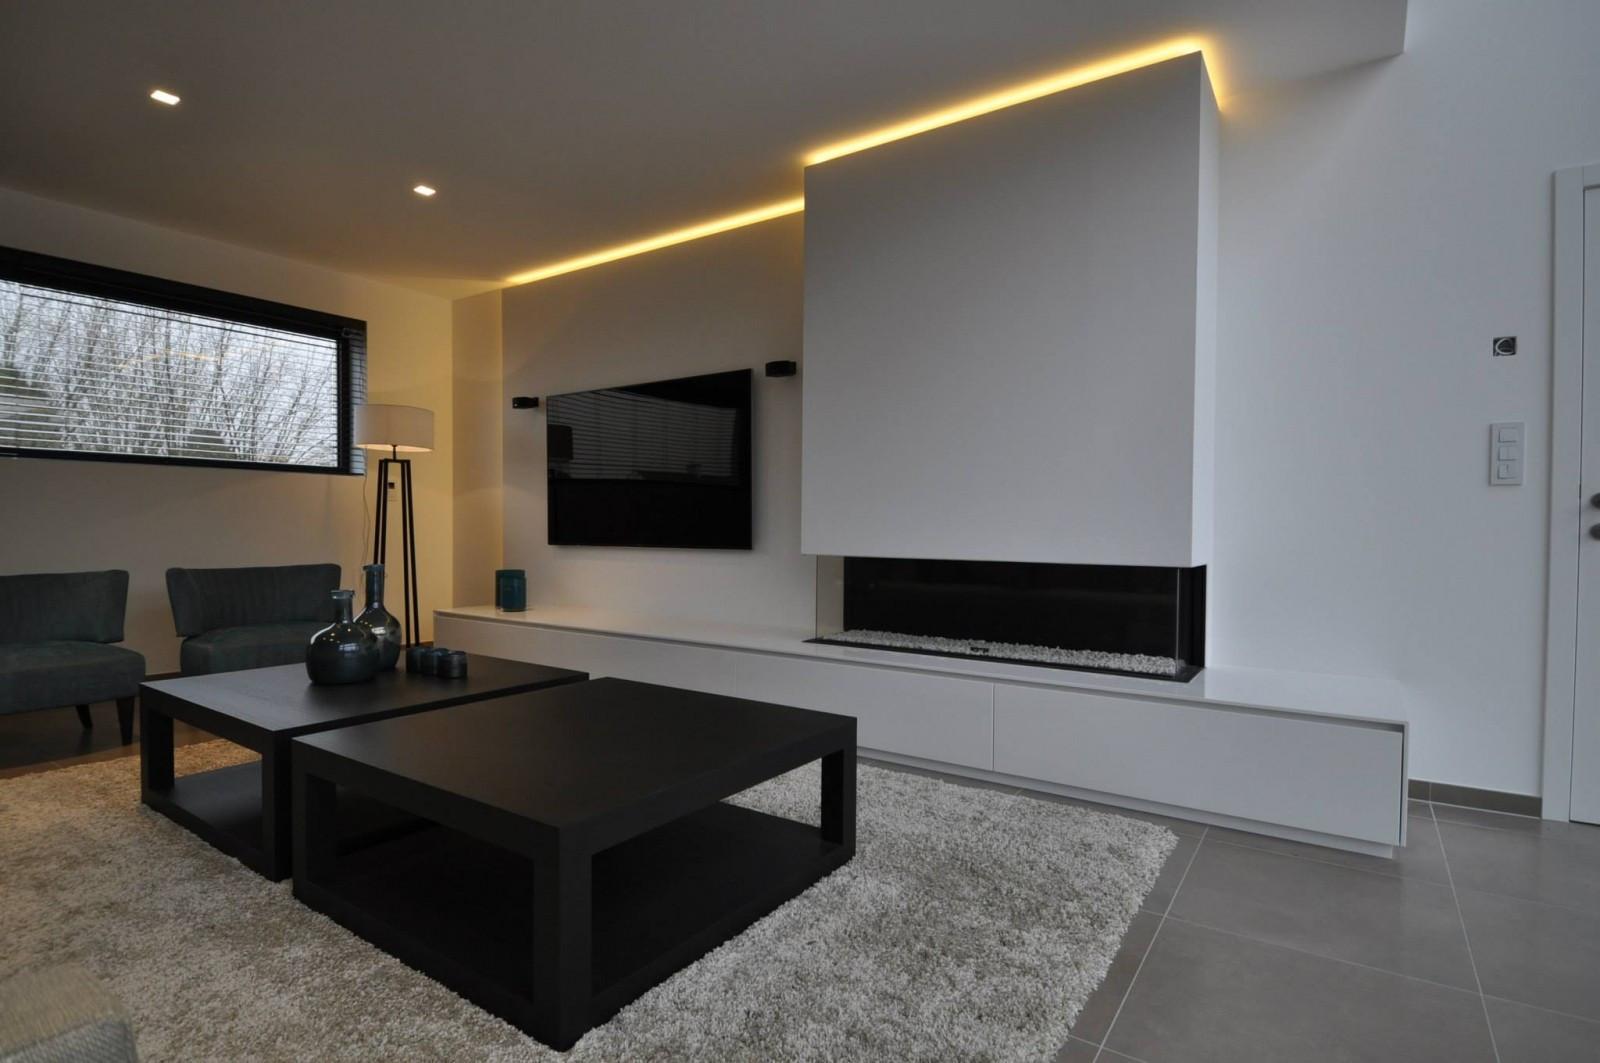 R Alisations Meubles Pour T L Viseur Armoires Mobilier  # Meuble Tv Integre Cheminee Avec Rangement